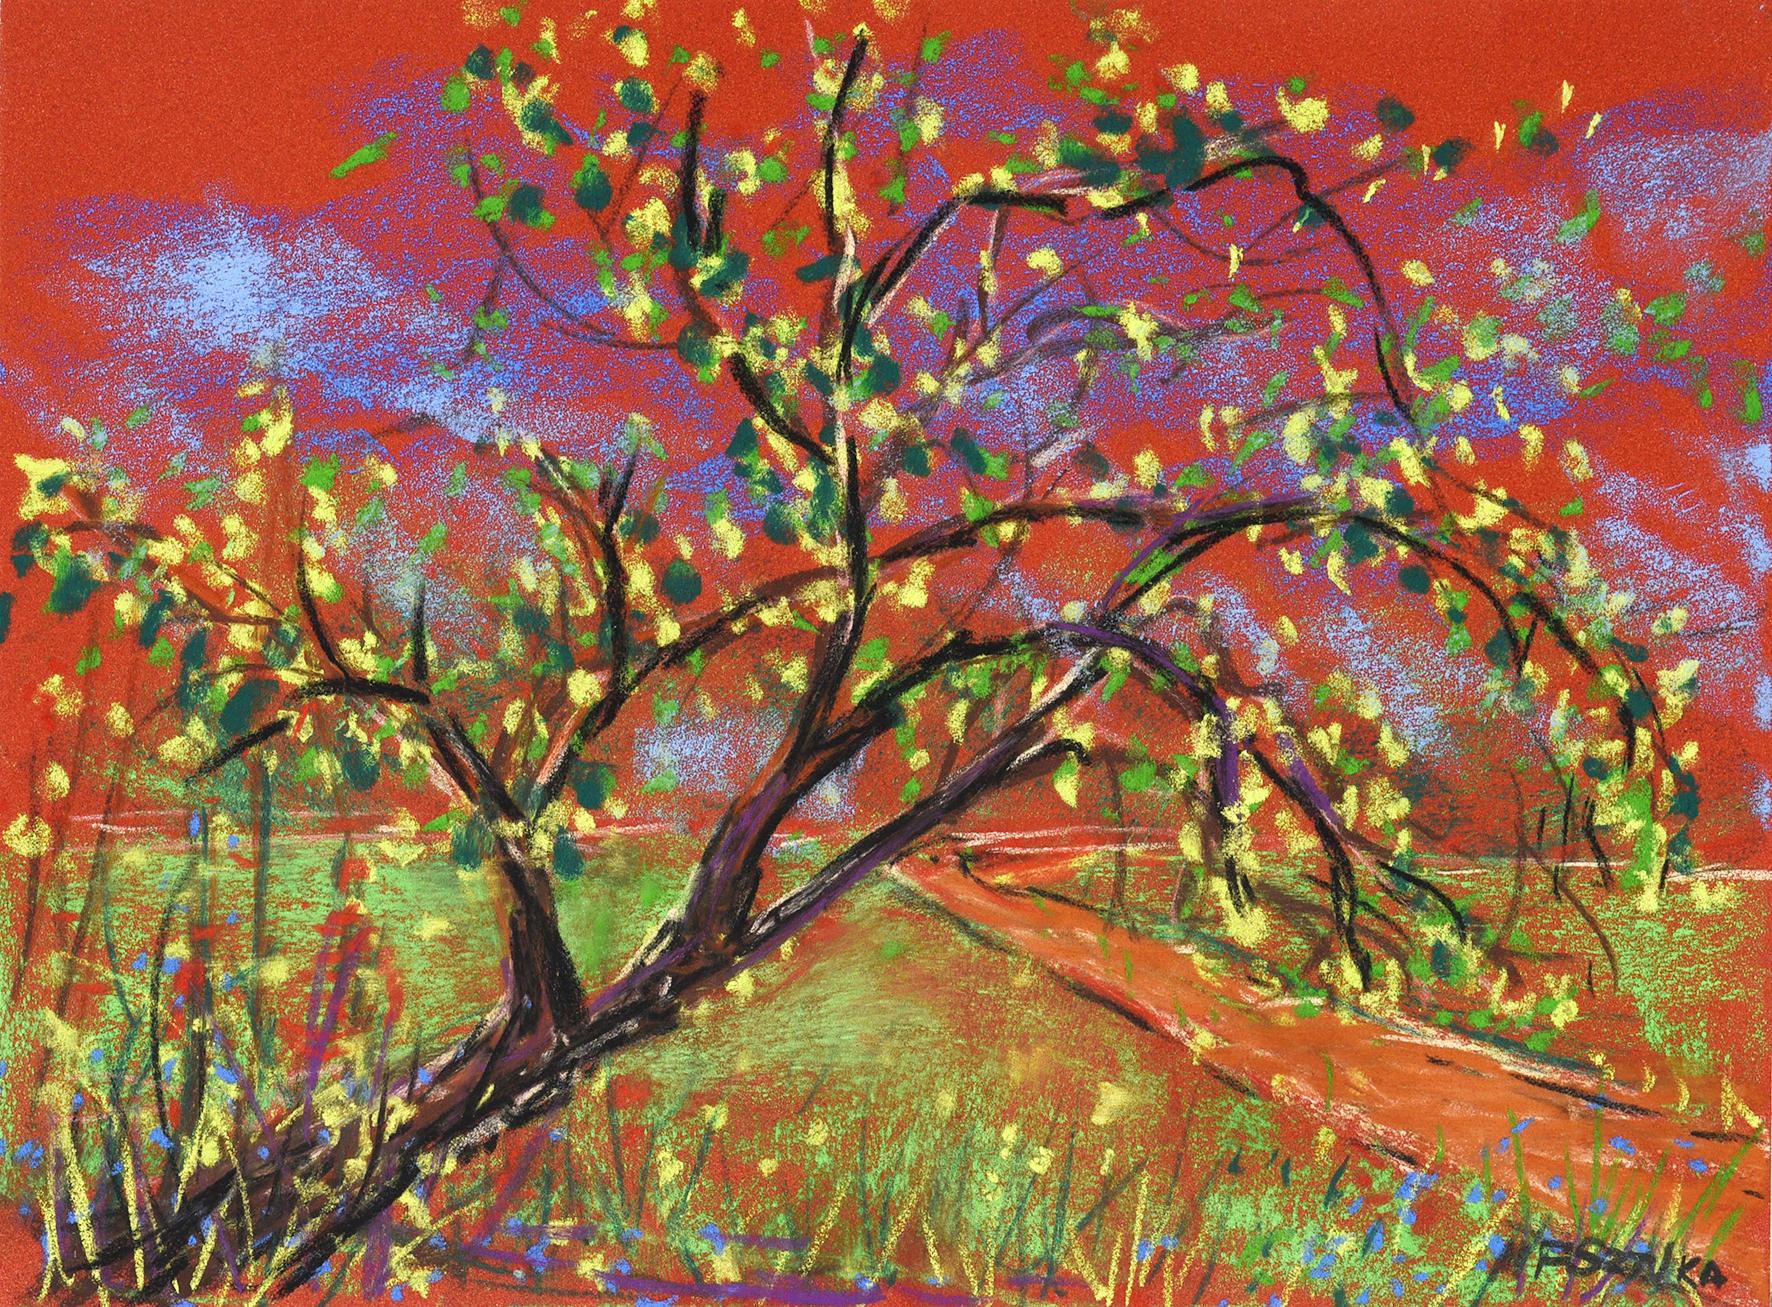 """<span style=""""color: #ff0000;""""><a style=""""color: #ff0000;"""" href=""""mailto:mfsztuka@orange.fr?subject=Défi 15 dessins 15 semaines - Printemps 21"""">Contacter l'artiste</a></span> Marie-Françoise Sztuka - Printemps 21 - 40 euros (transaction directement avec l'artiste) - pastels secs sur papier cartonné - 25x33 cm"""